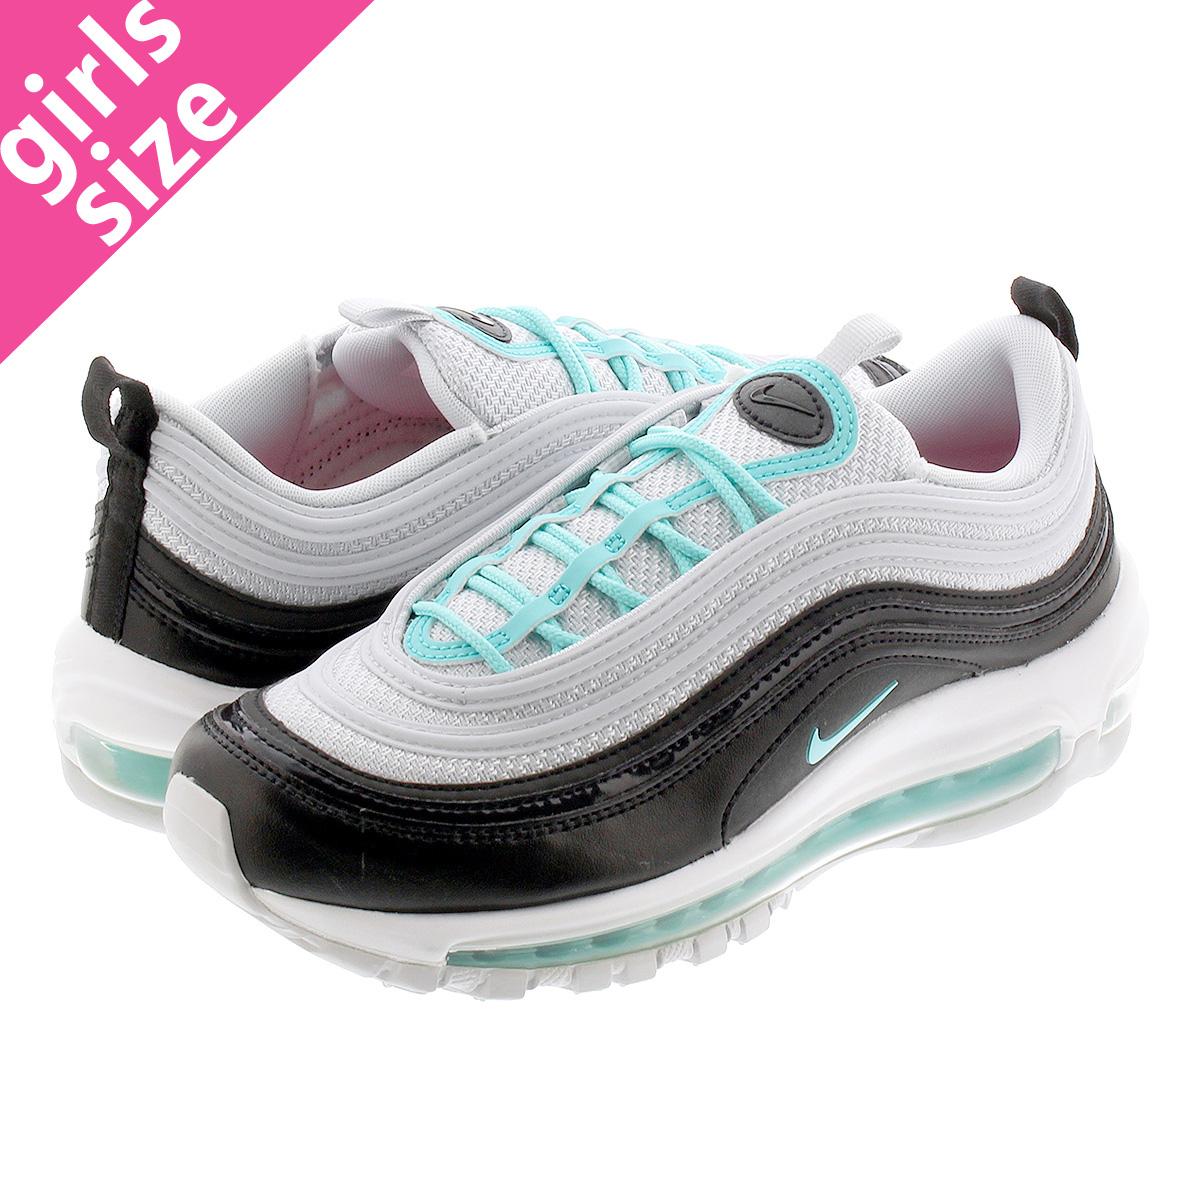 NIKE WMNS AIR MAX 97 Nike women Air Max 97 PURE PLATINUMAURORA GREENBLACKWHITE 921,733 065